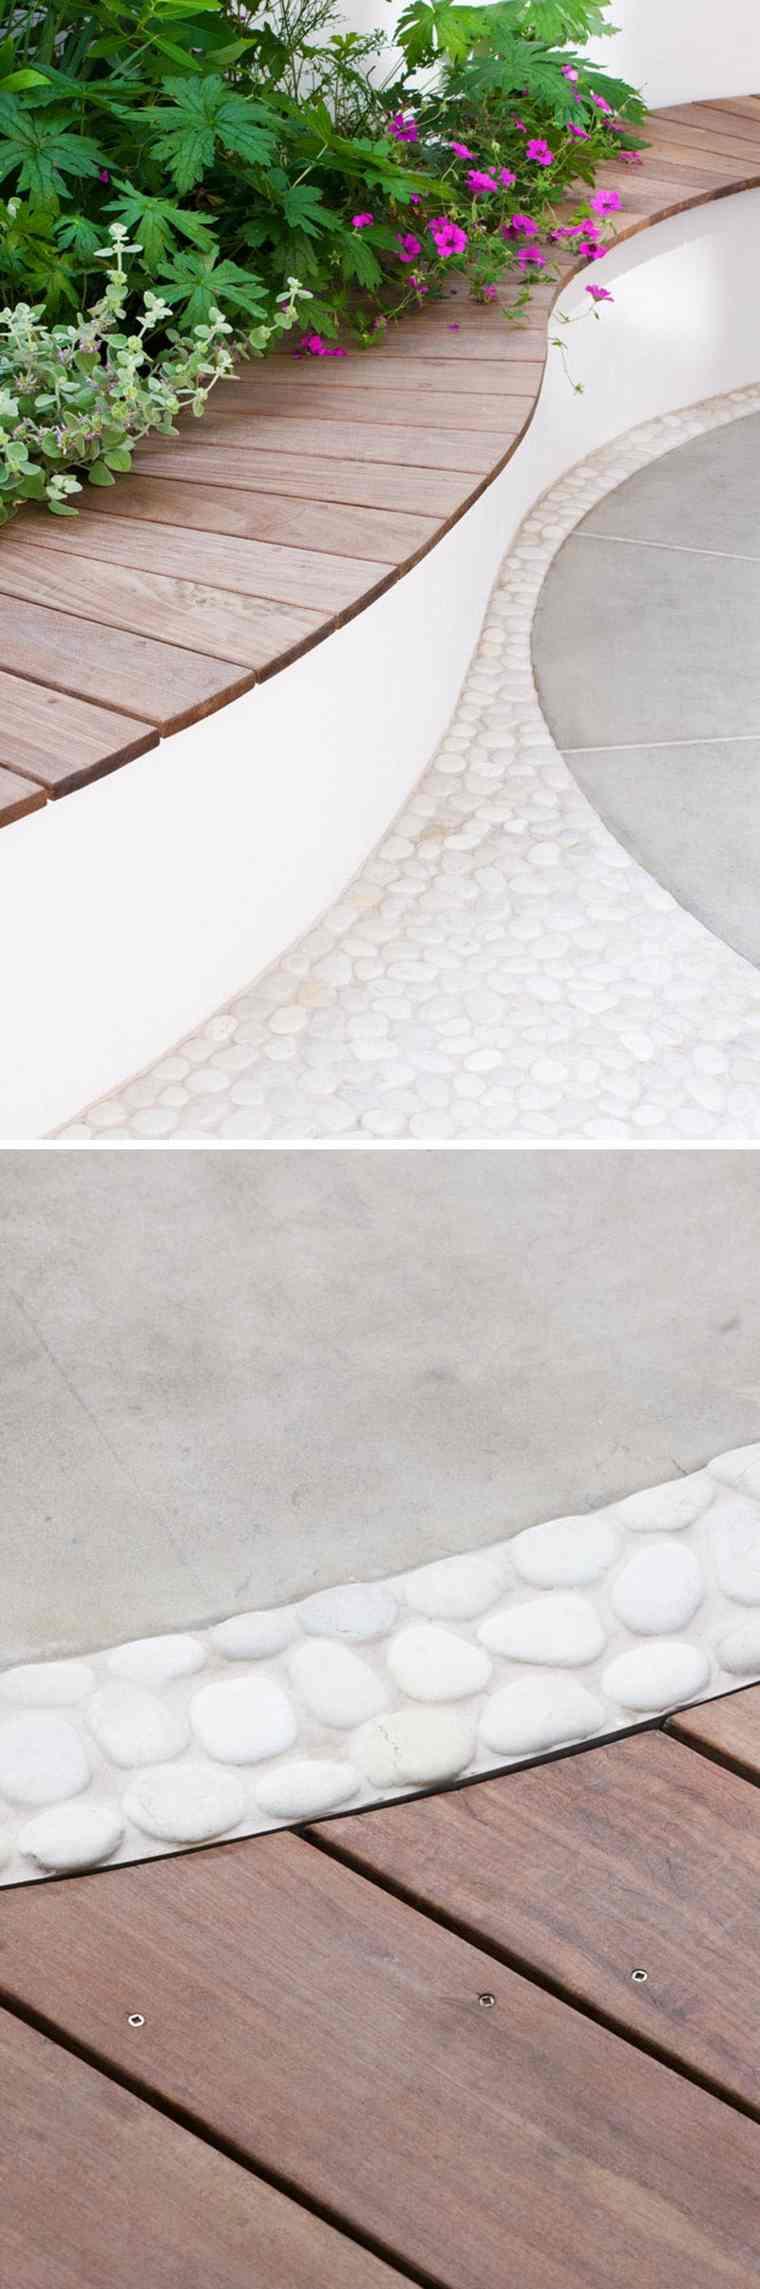 suelo decoraciones llamativo diseño materiales